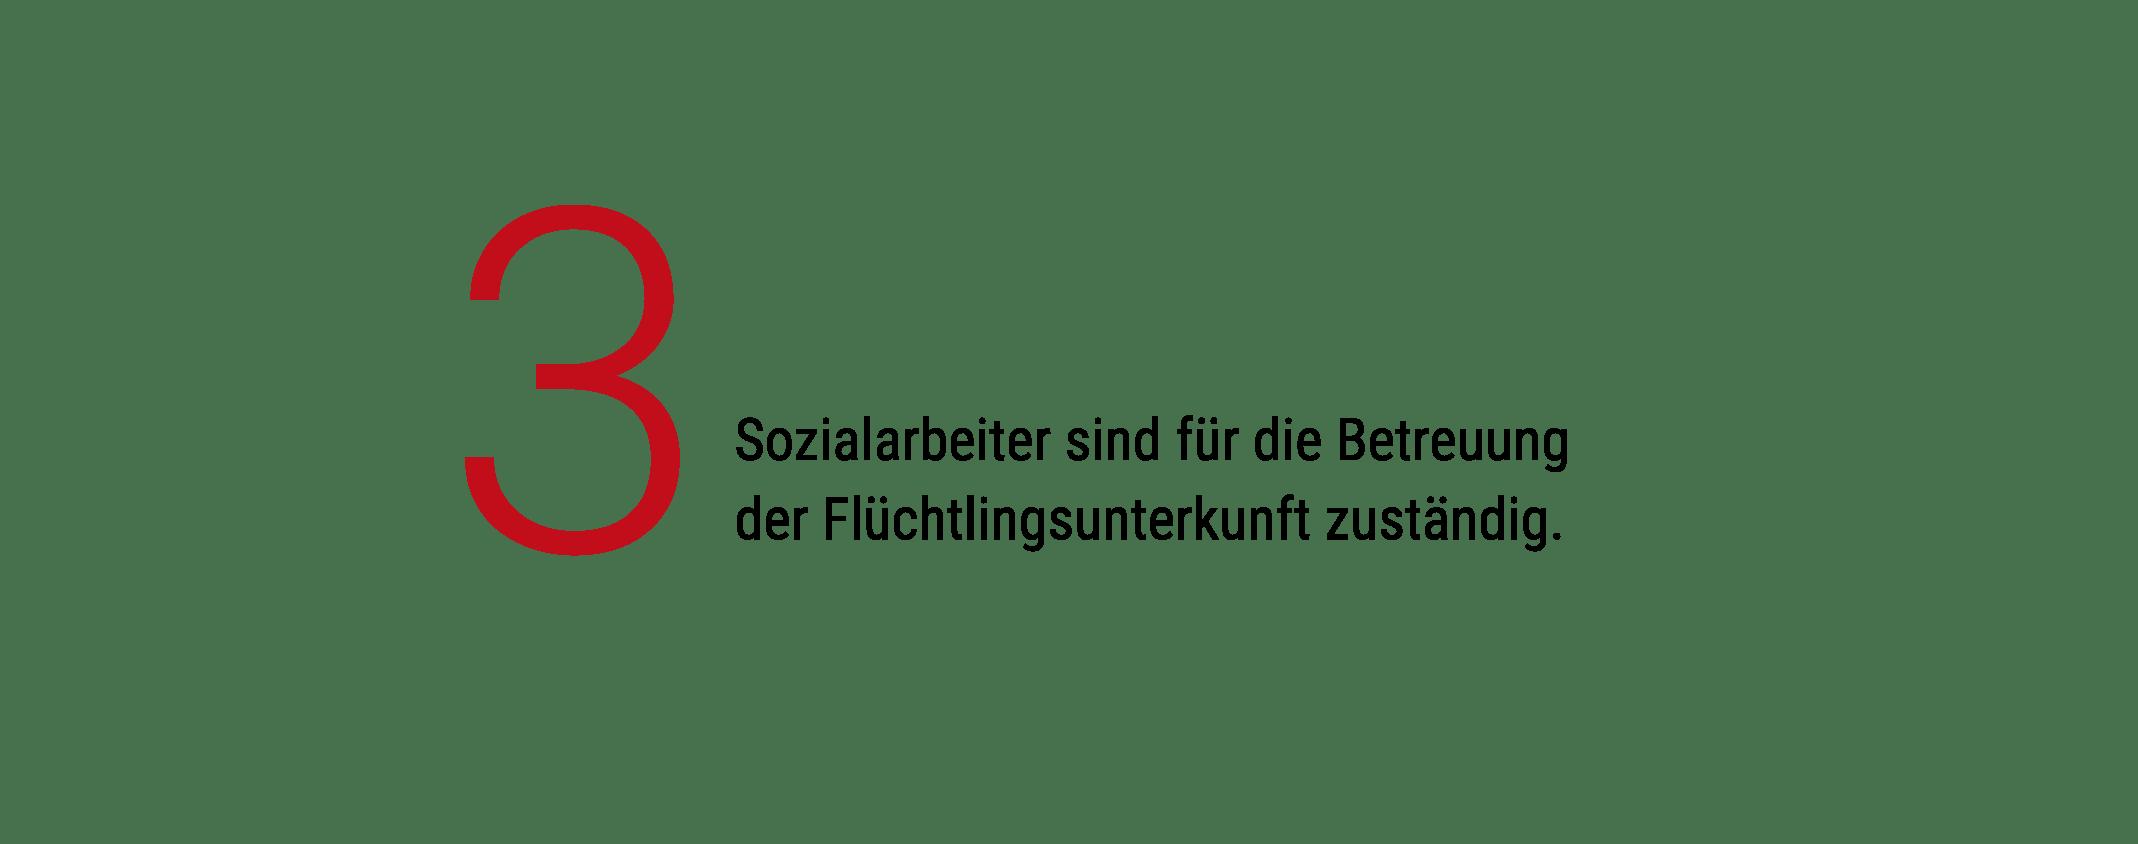 Timeline_Kloster_Eichgraben_Pfade-08